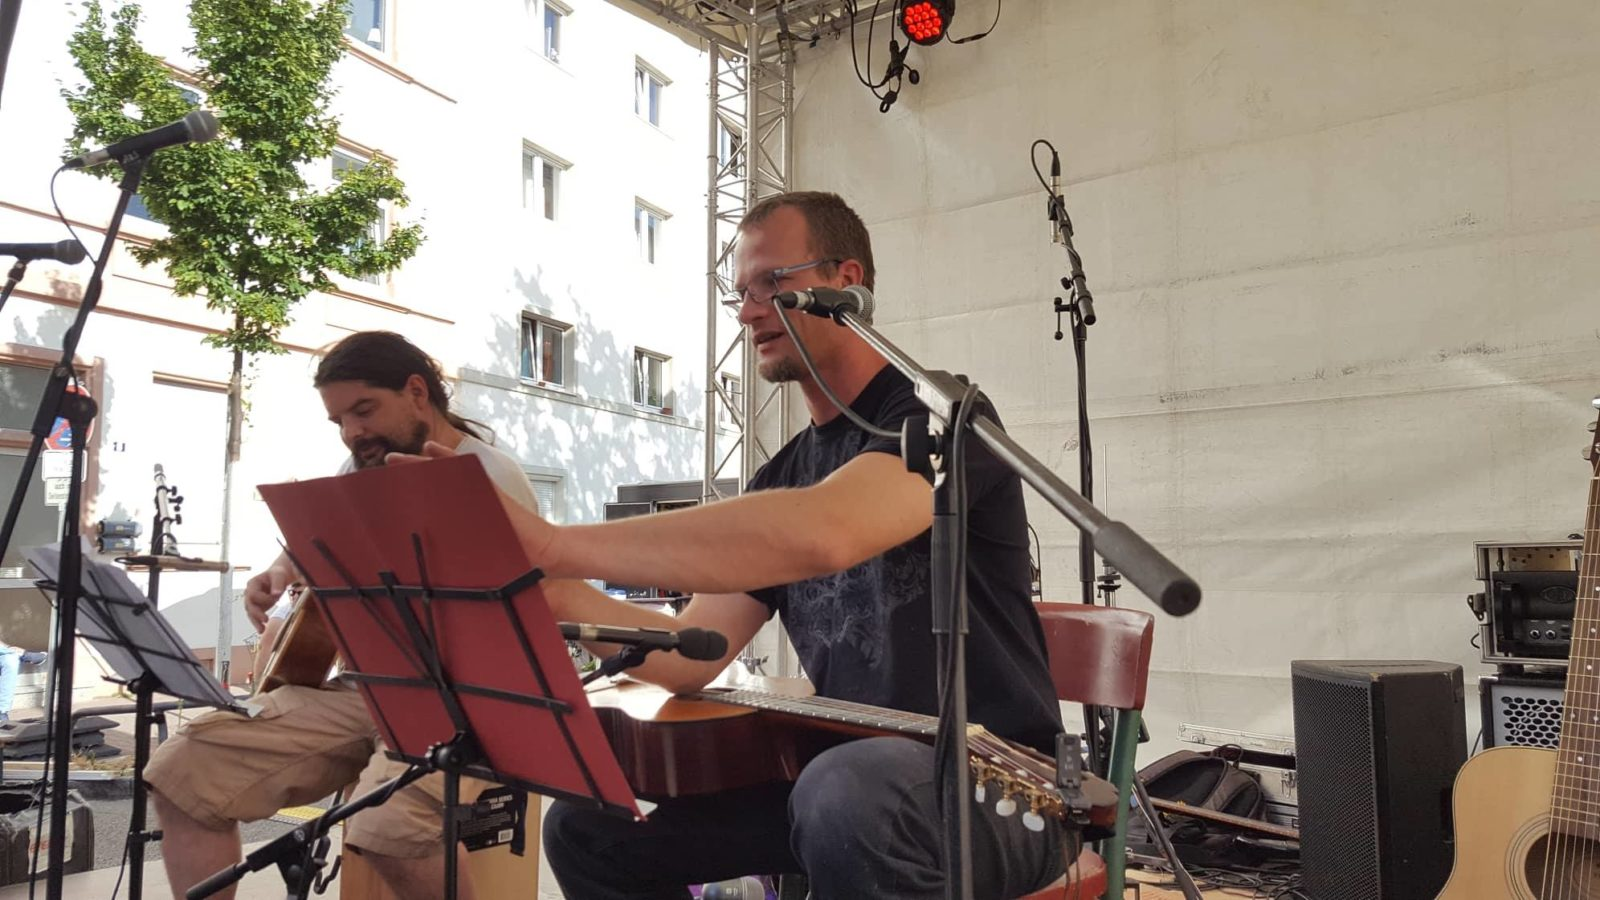 Speerträge und Royce auf der Bühne, von schräg seitwärts fotografiert, Speerträger sortiert seine Texte